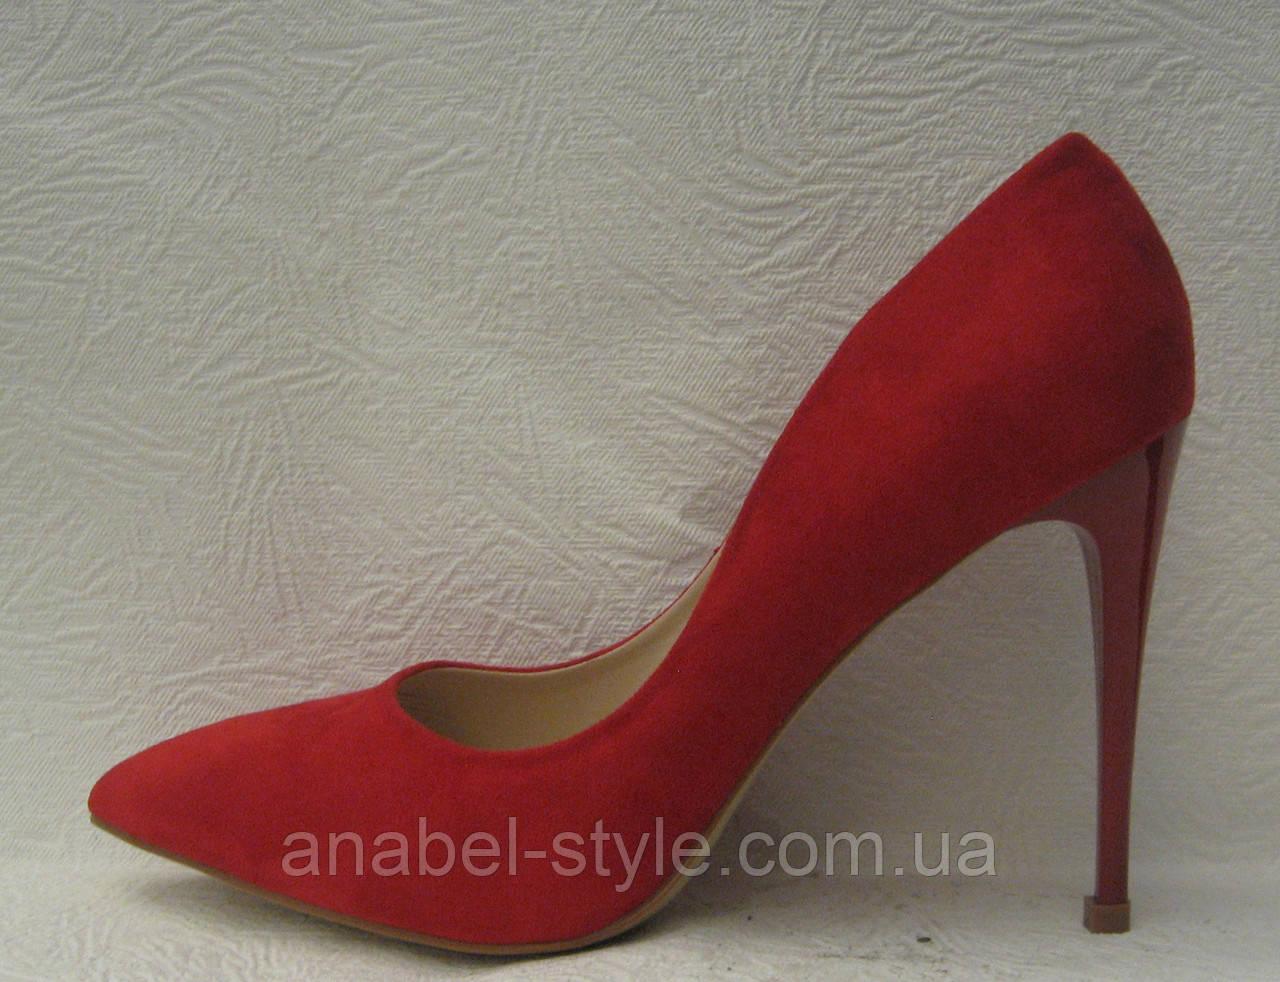 Туфли женские классические на шпильке красные